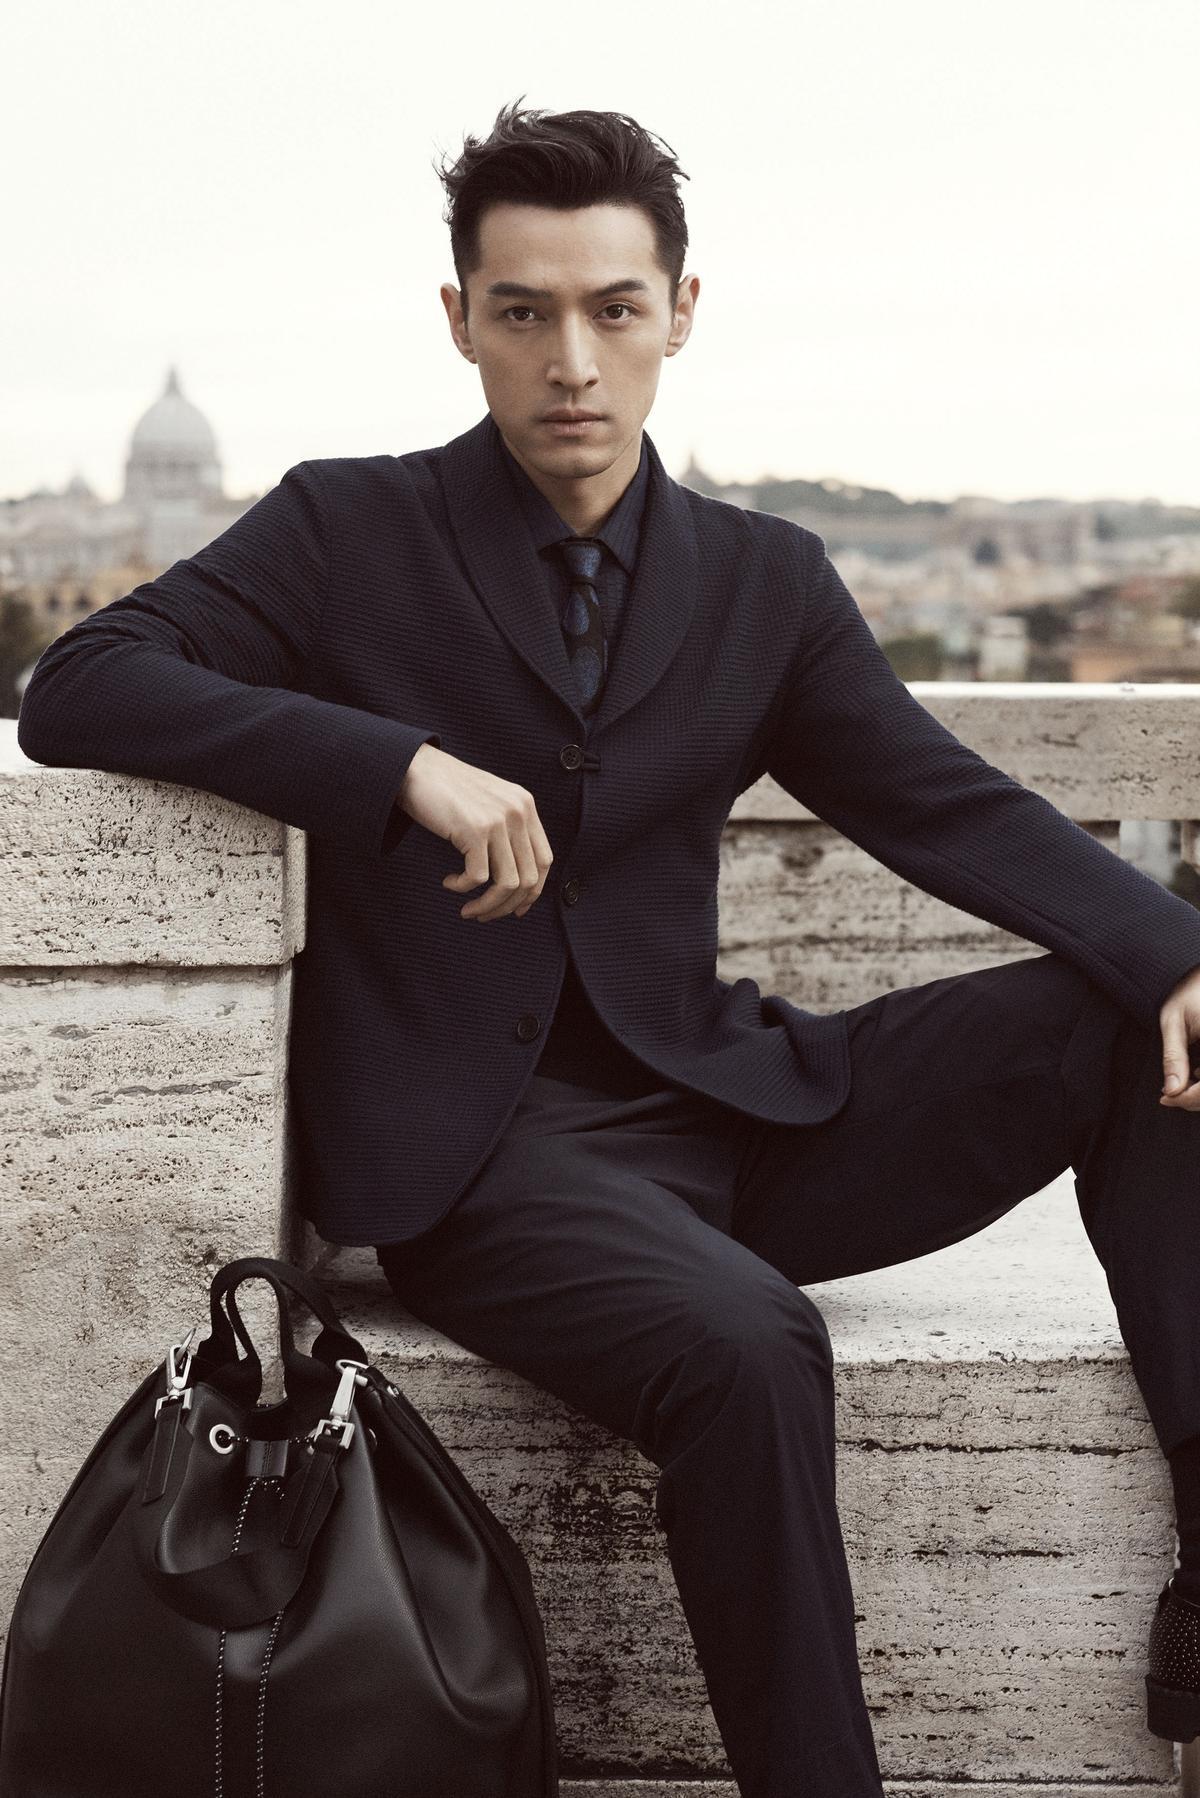 胡歌擔任EMPORIO ARMANI大中華區及亞太區全新形象代言人,將演繹成衣及眼鏡系列。